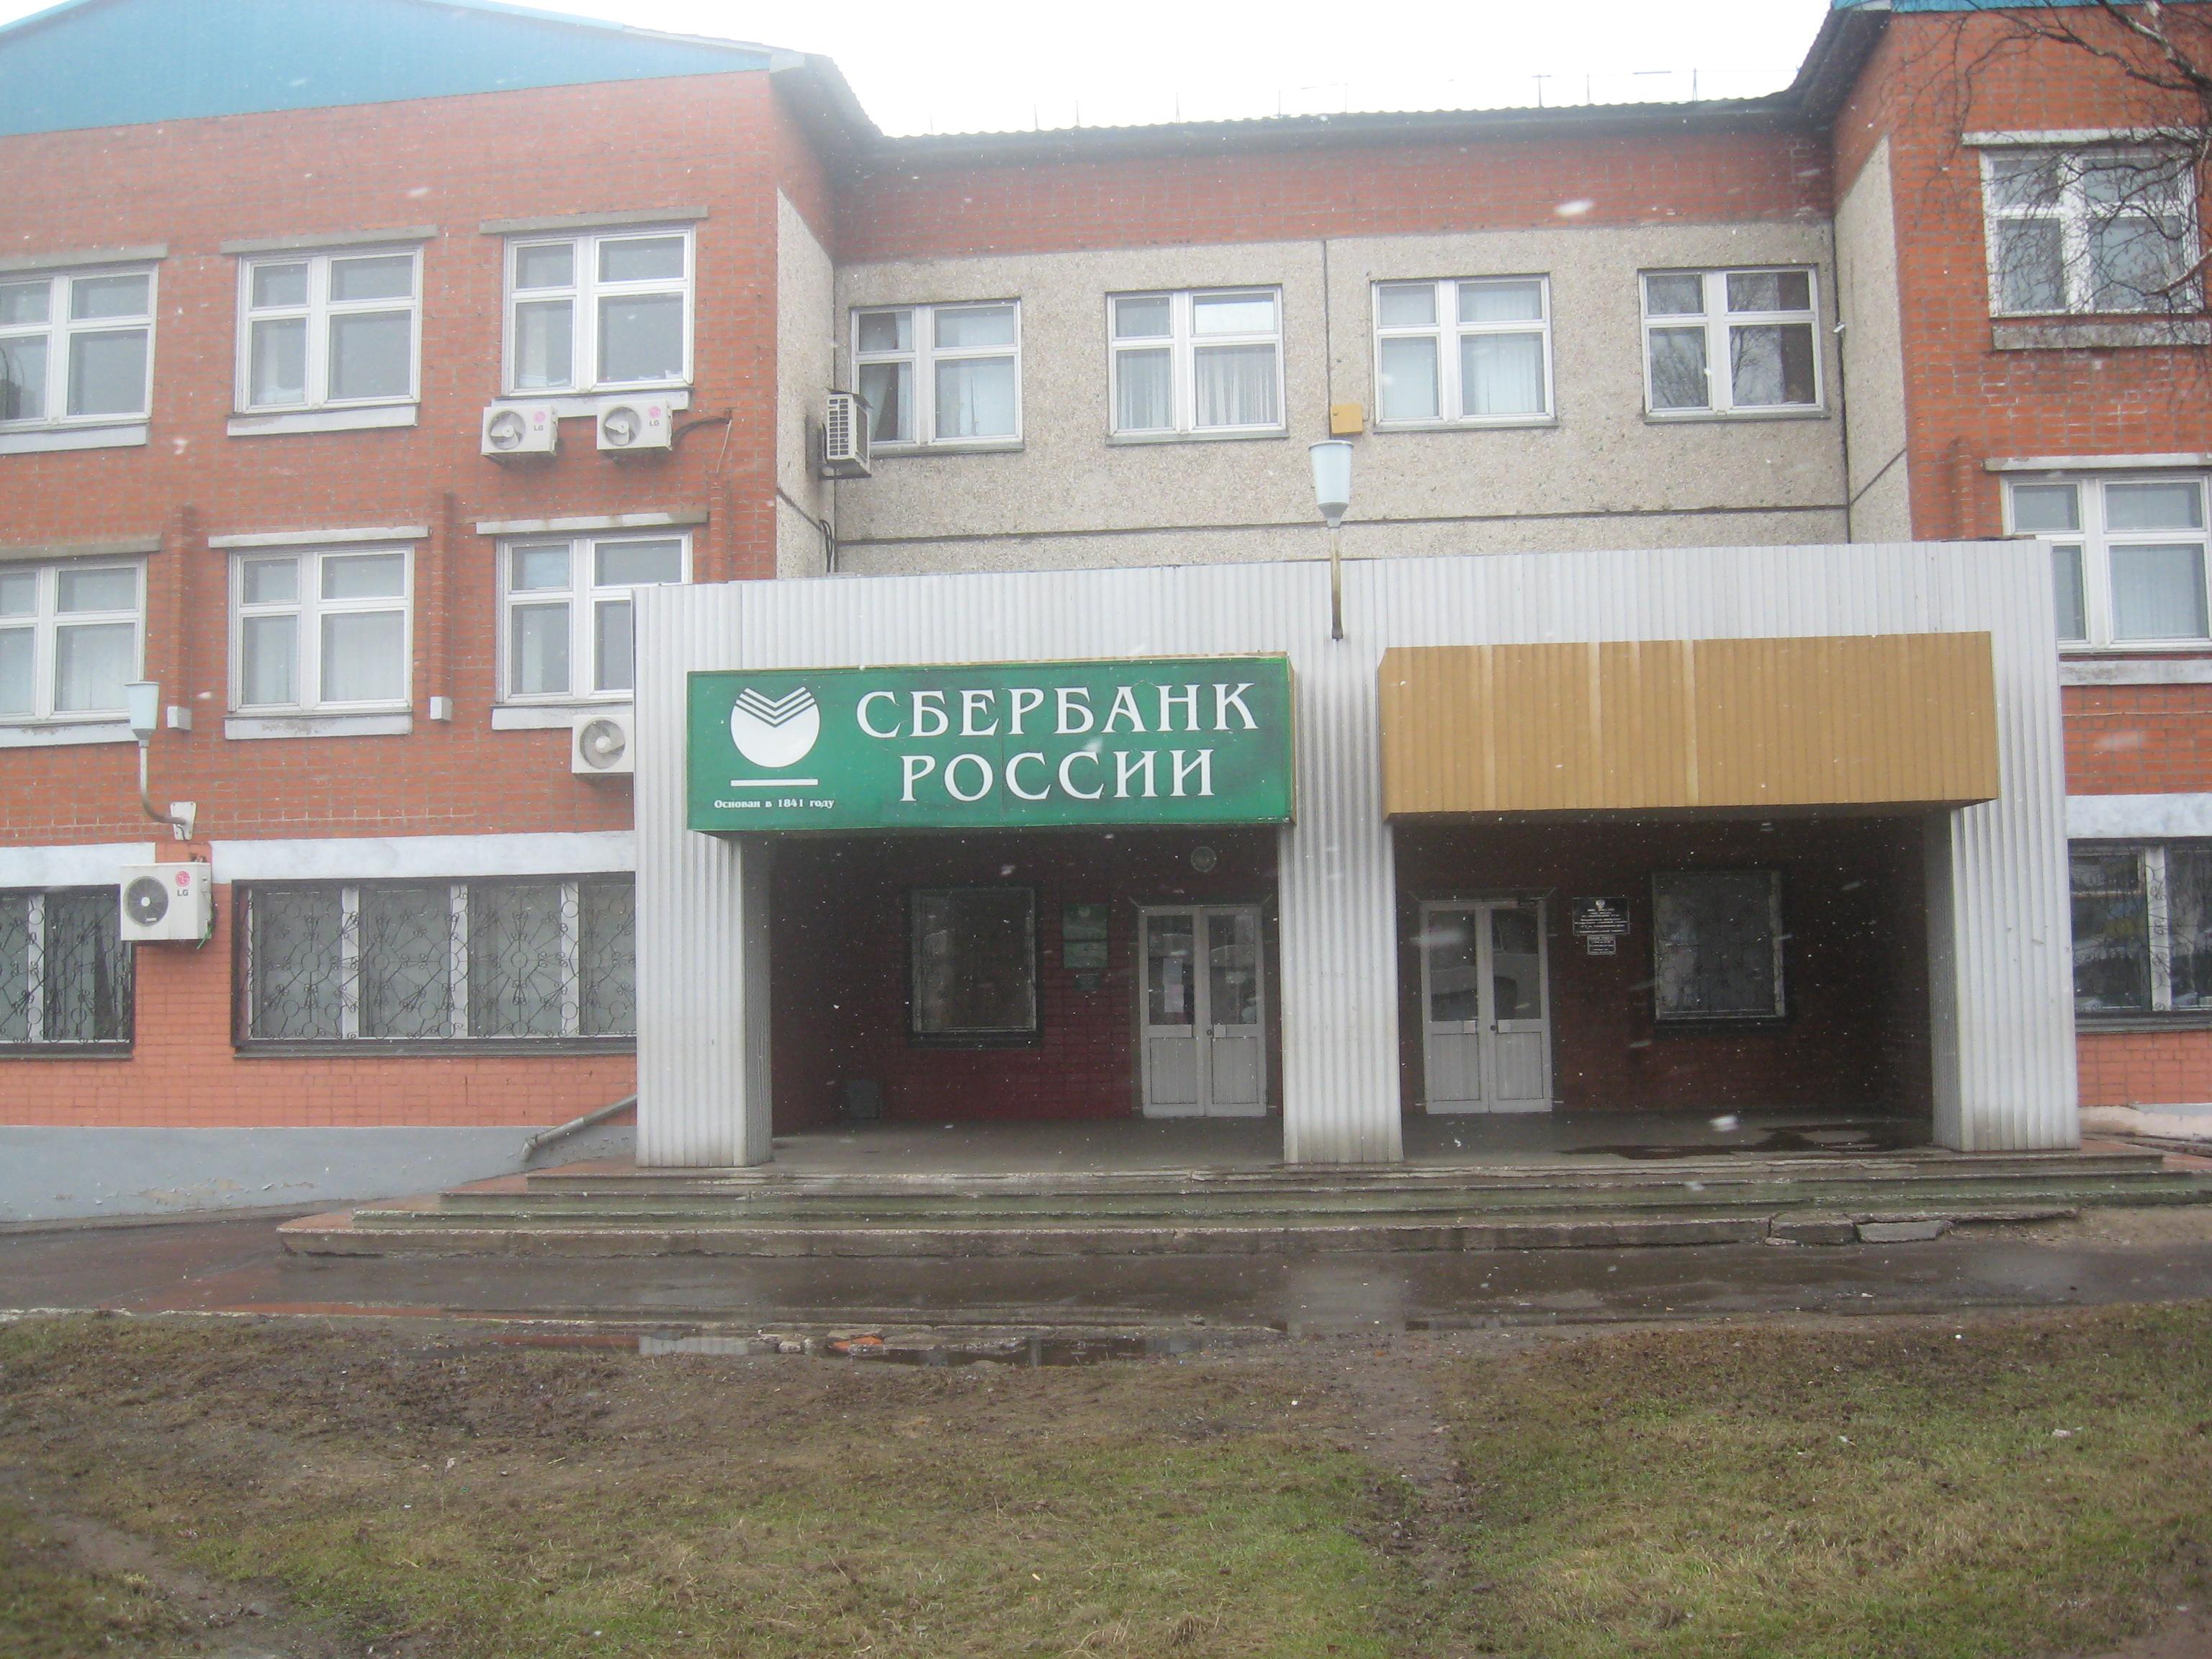 sovetskaya gavan girls ソヴィエツカヤ・ガヴァニ(ソビエツカヤ・ガバニ、ロシア語: сове́тская га́вань 、英語:sovetskaya gavan、中国語苏维埃港)は、ロシアの極東部に位置する港湾都市で、ハバロフスク地方に属する.